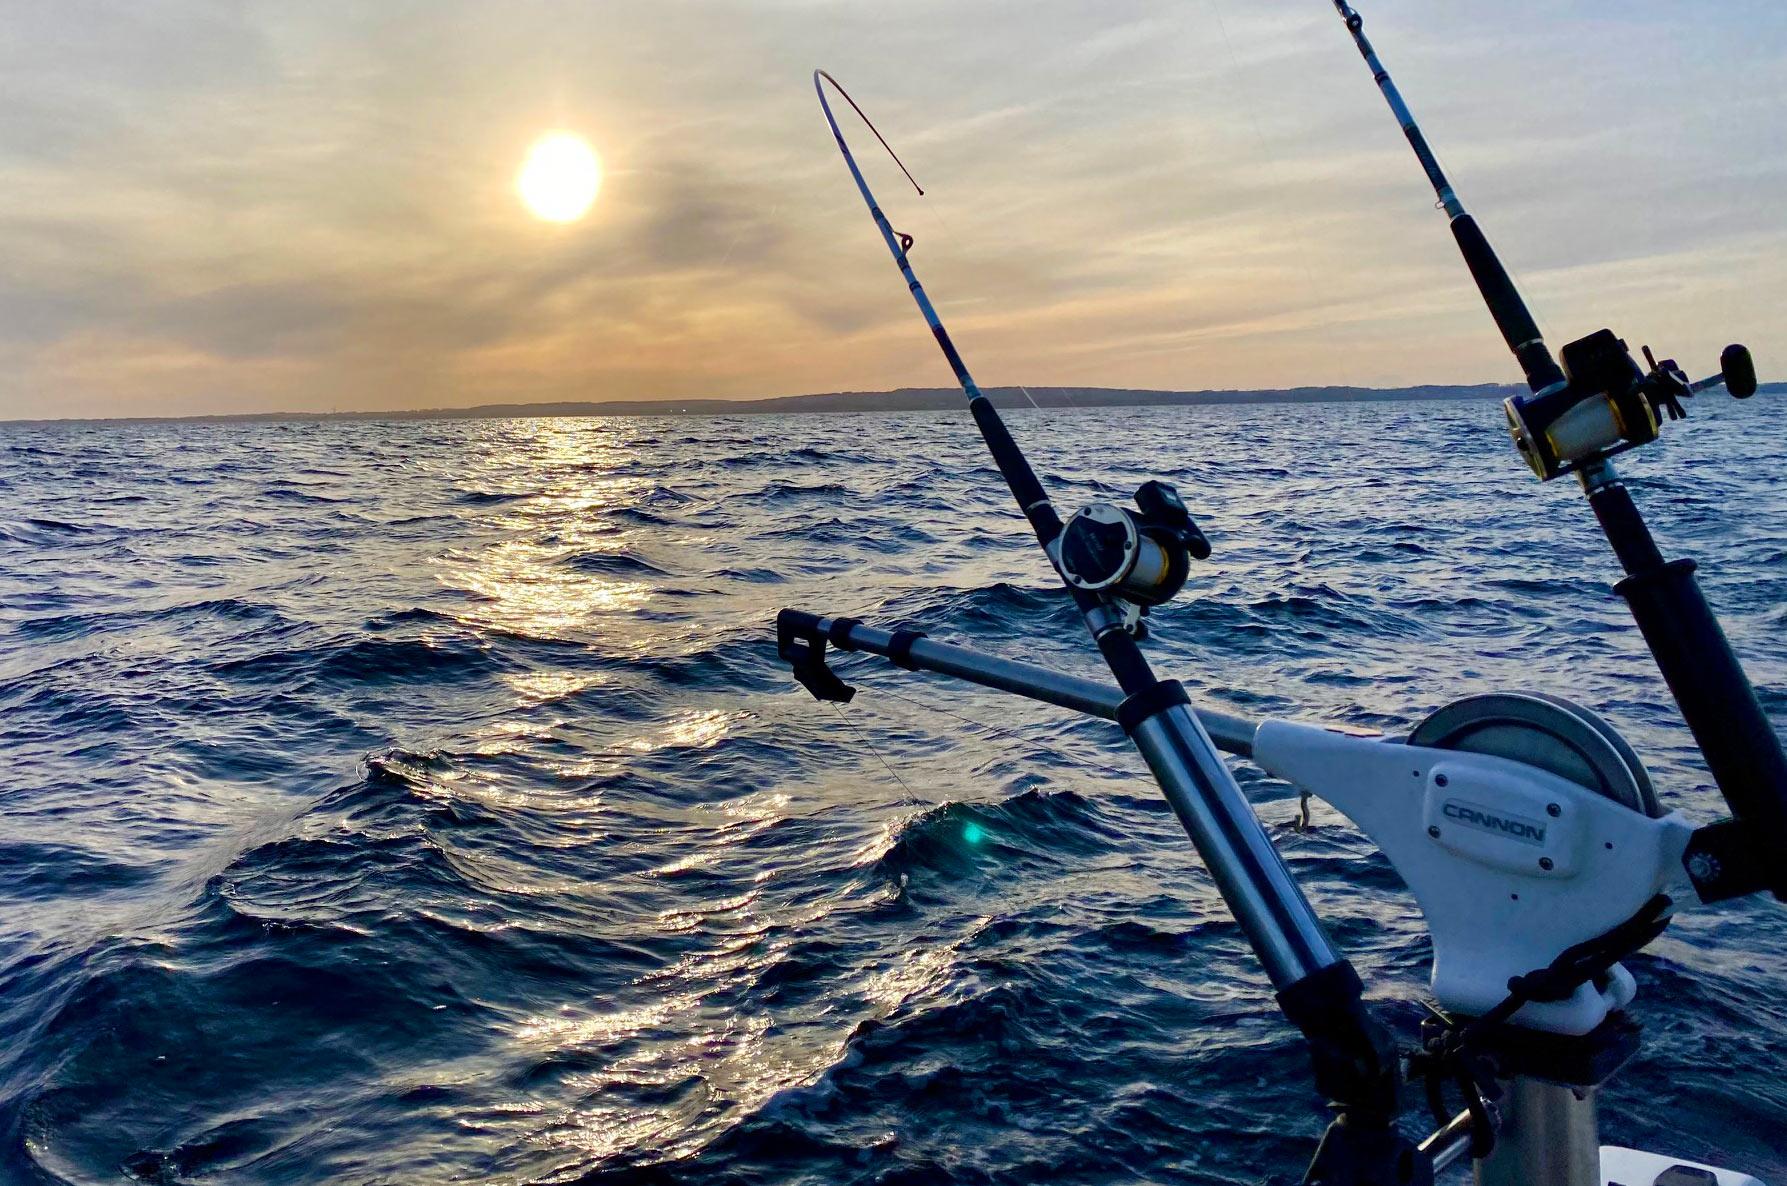 Det var en svær dag på Østersøen, men alligevel lykkedes det Søren Frederiksen at få en flot fisk.